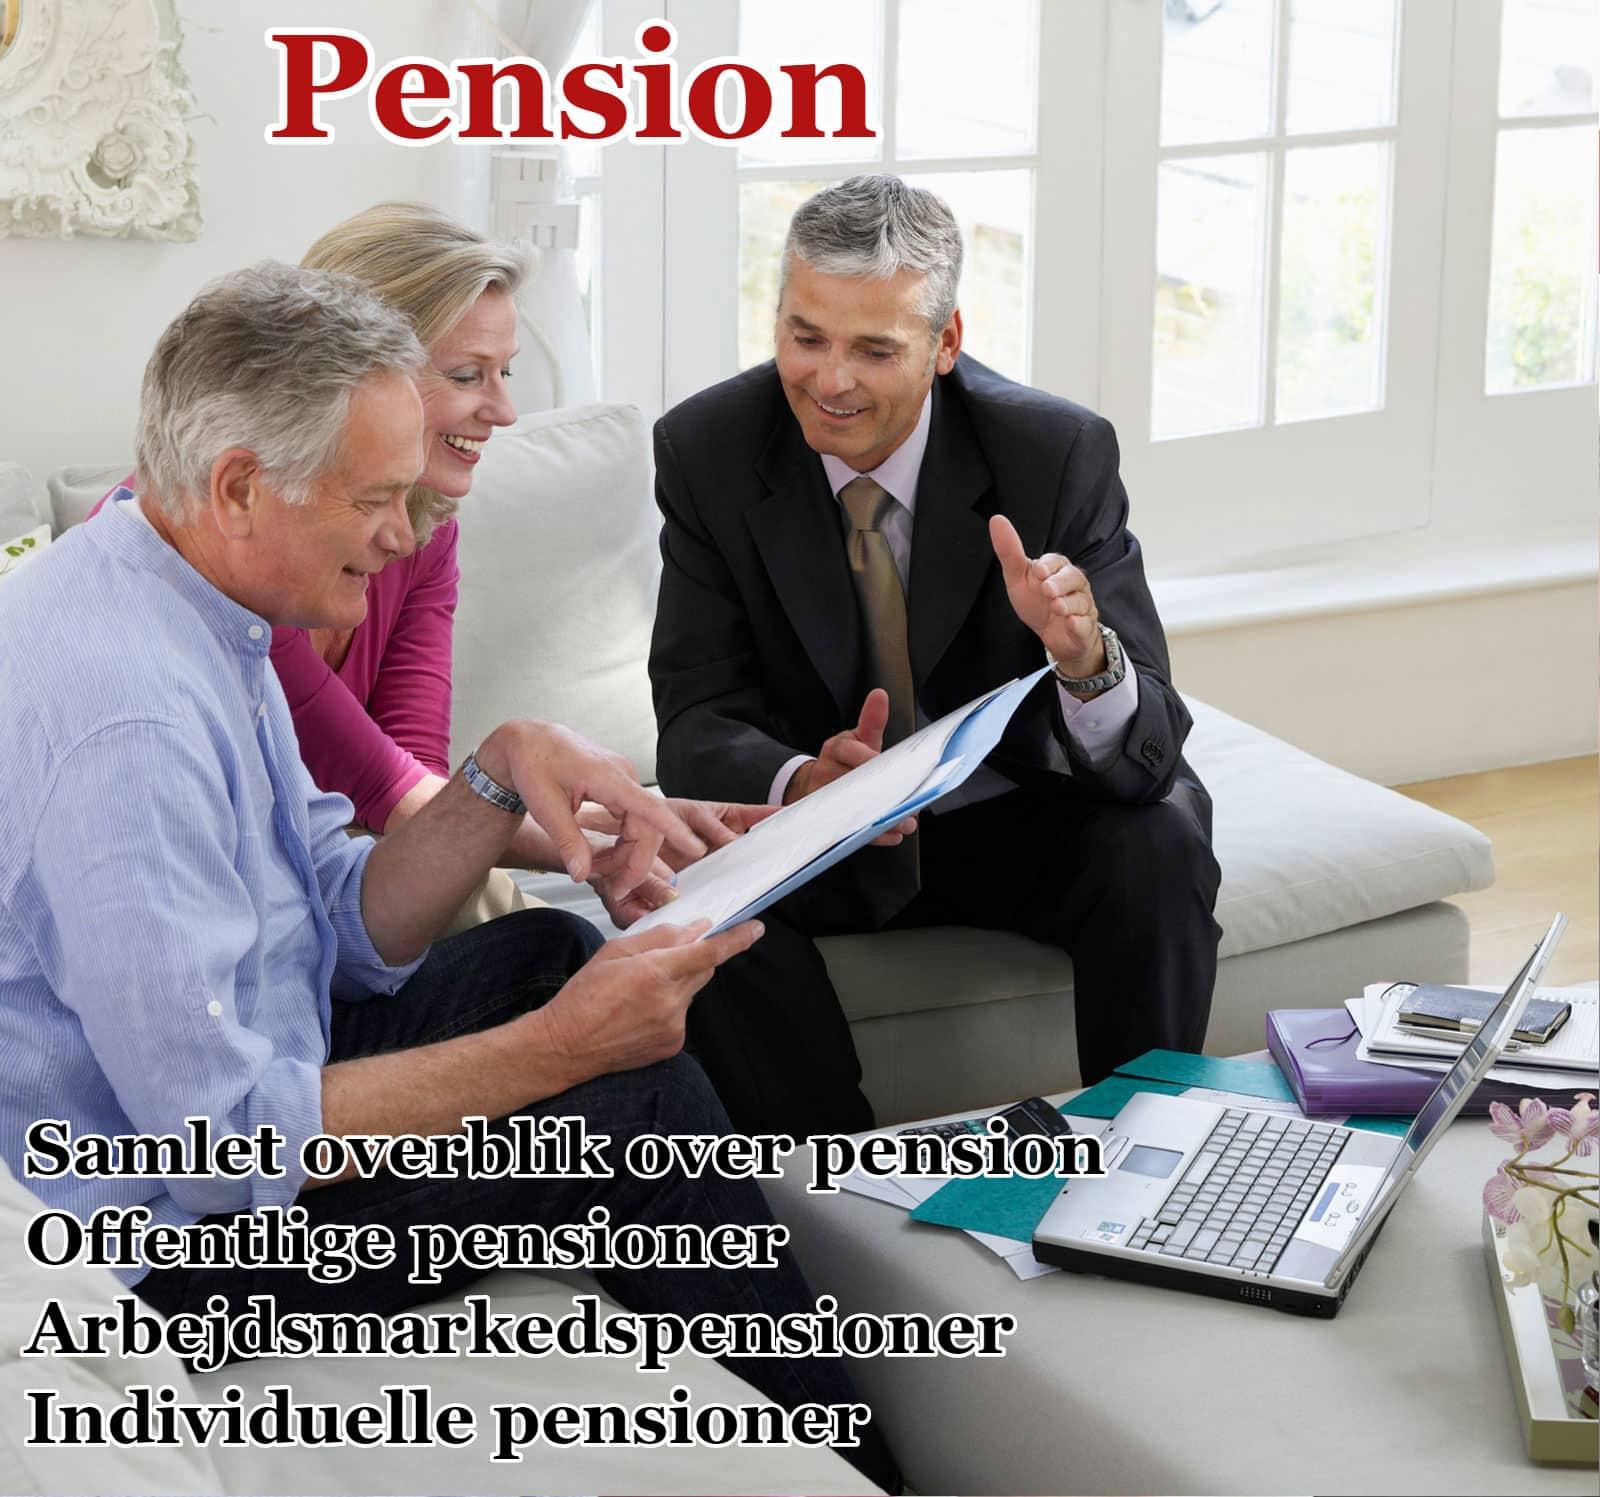 Læs om offentlige pensioner, arbejdsmarkedspensioner og individuelle pensioner.